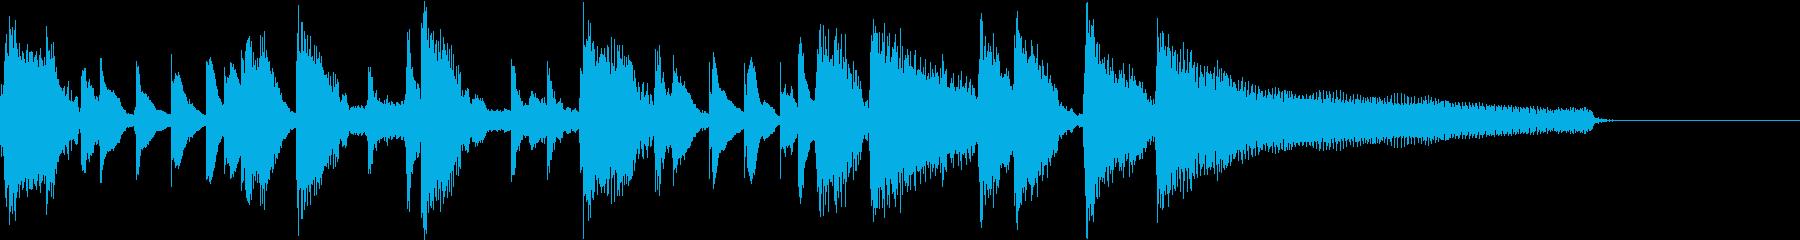 15秒】明るくポップ、ノリの良いピアノの再生済みの波形